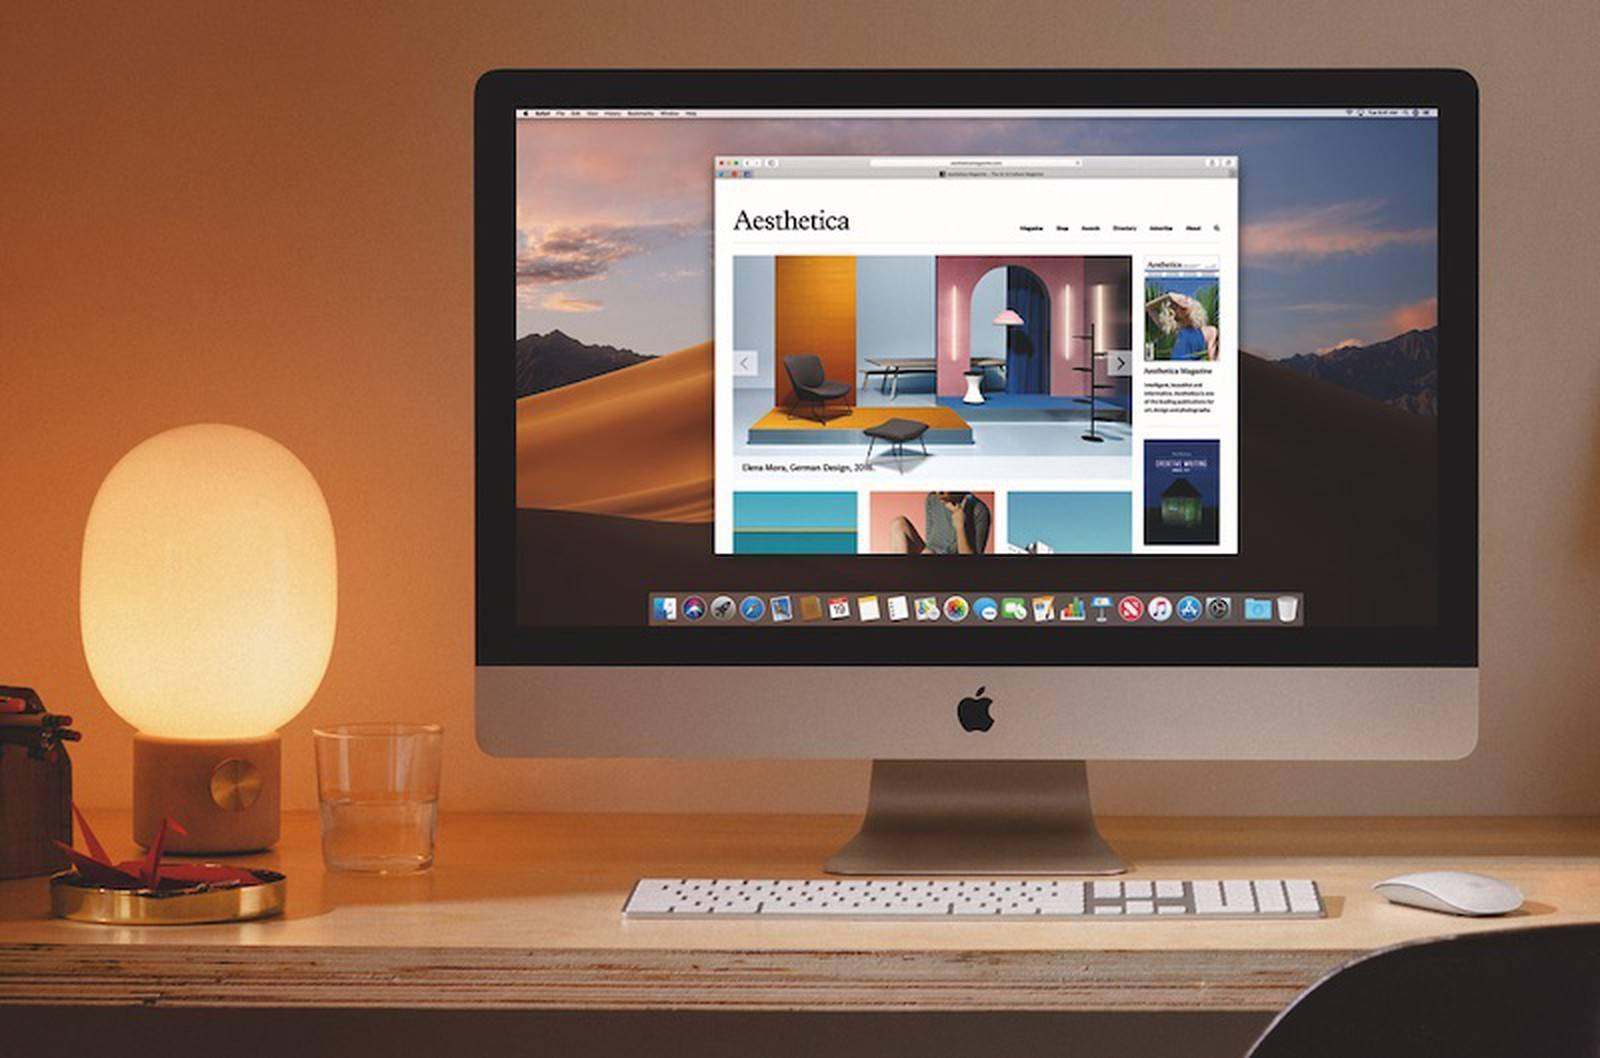 新款iMac闪存被焊死 但4TB和8TB配置版本有「彩蛋」